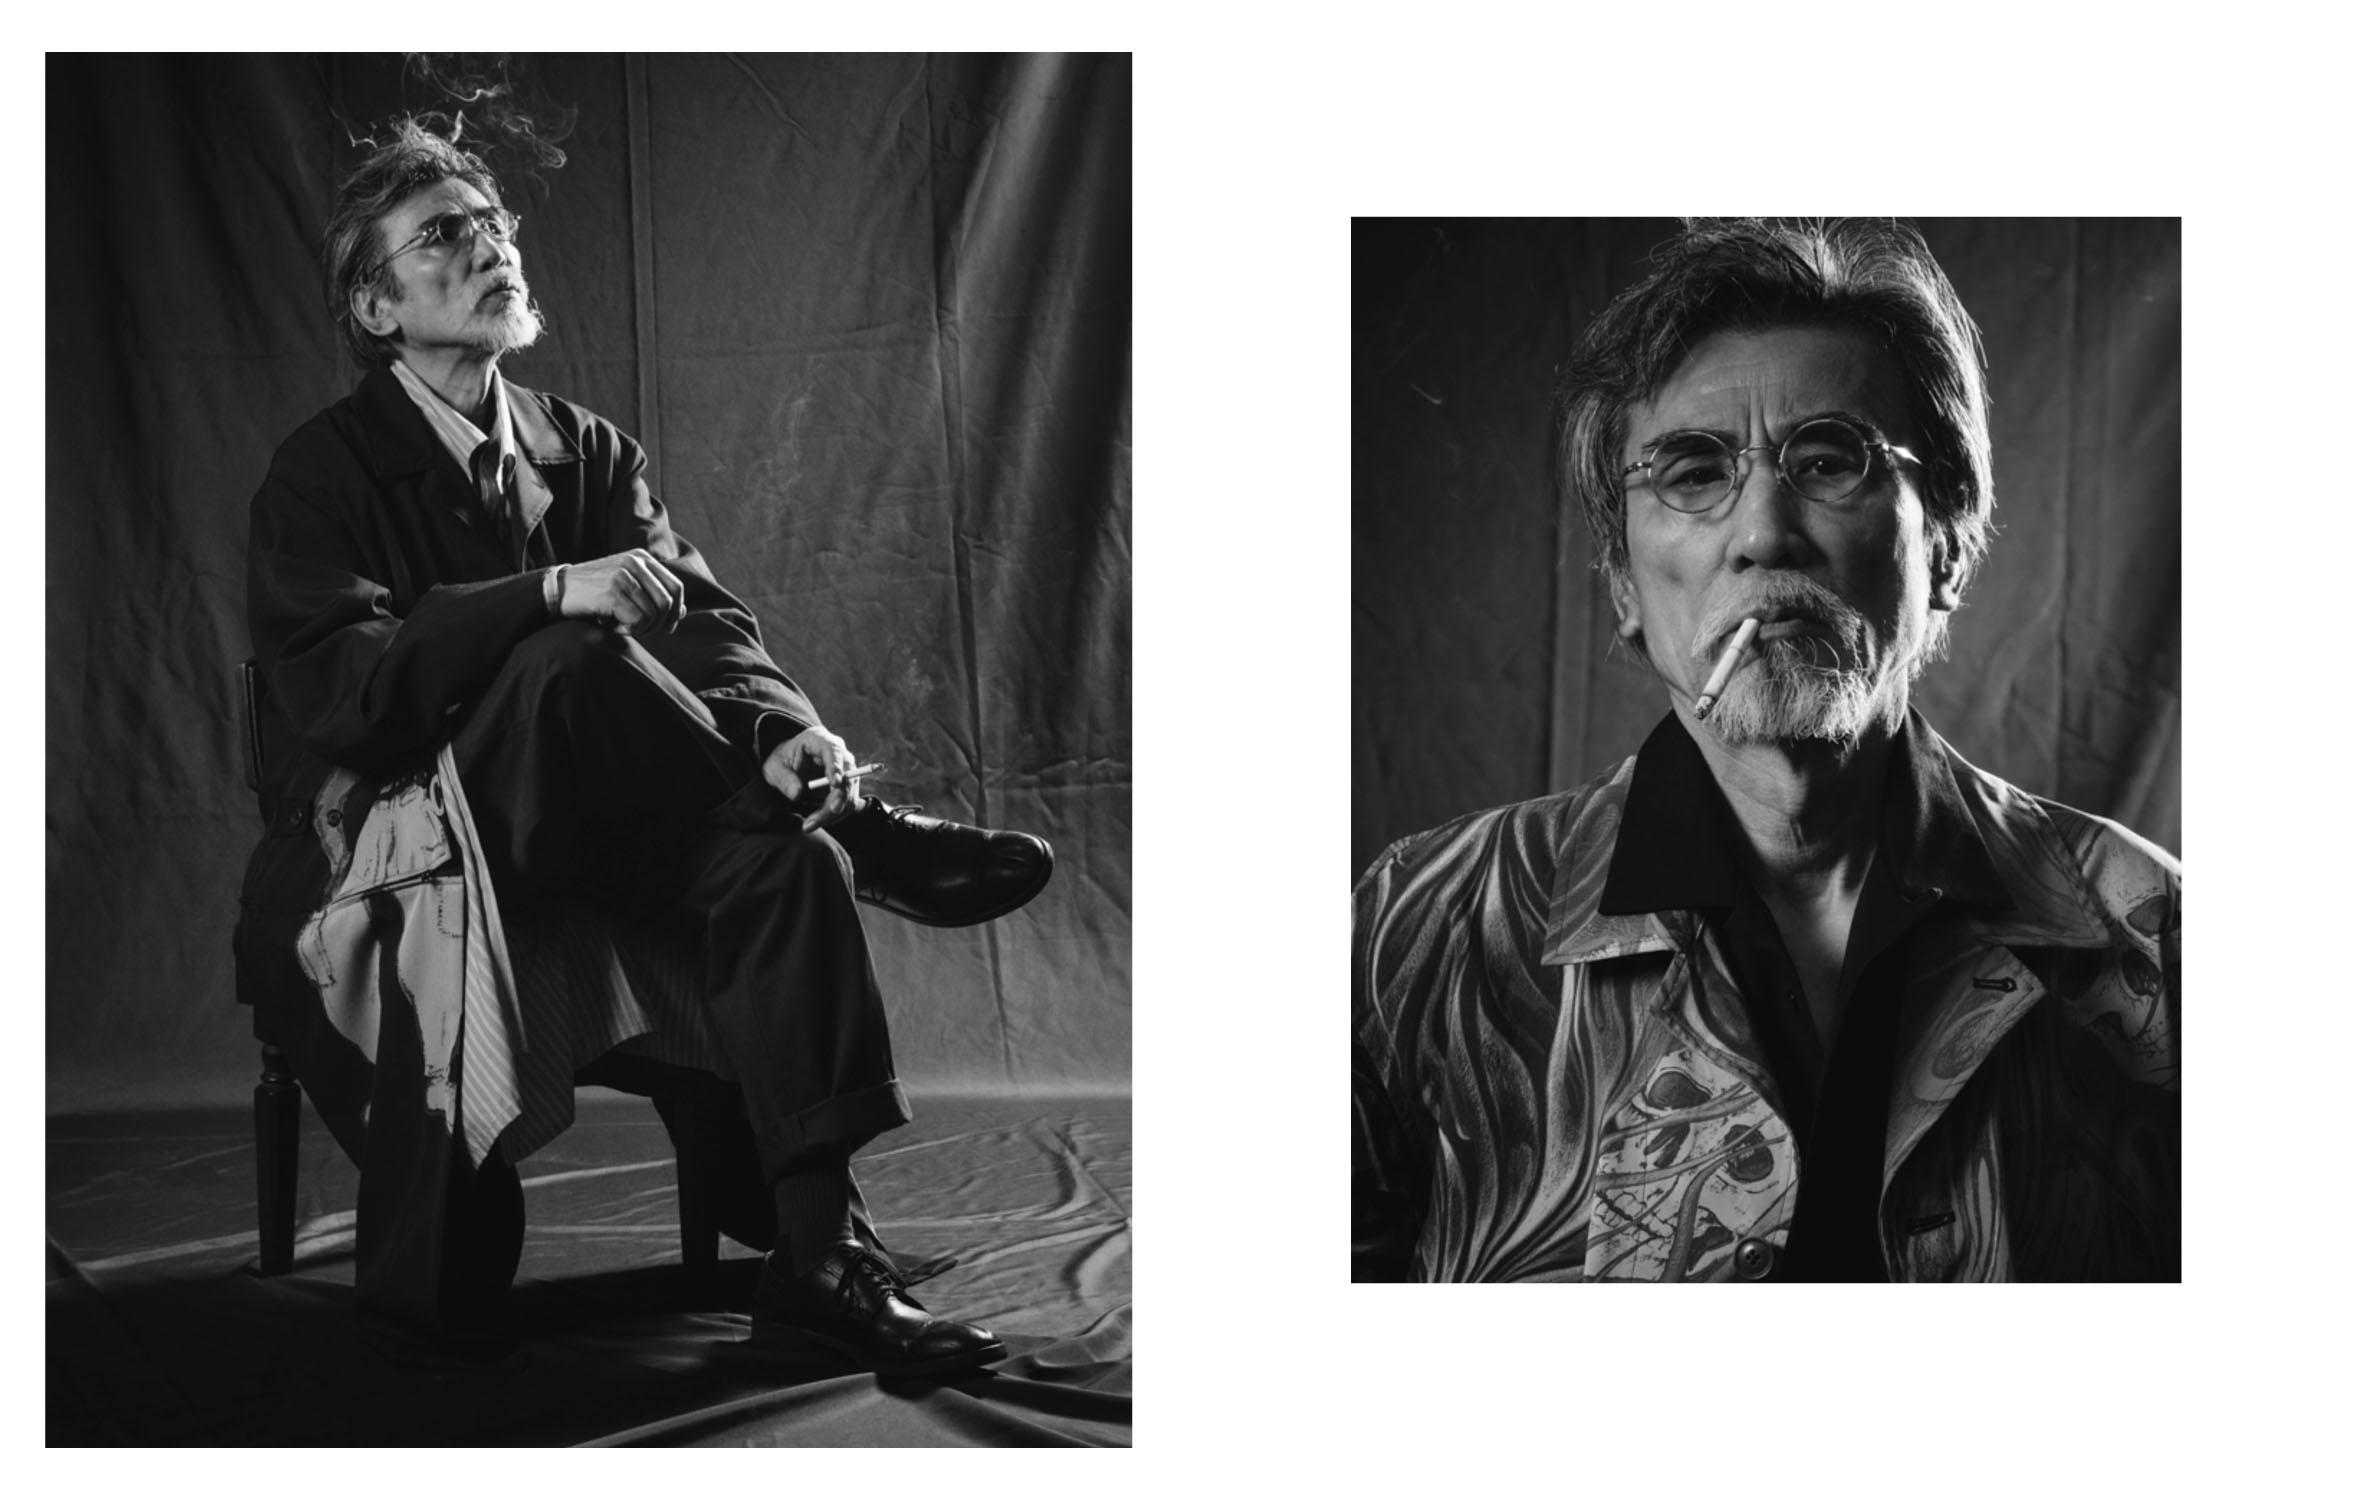 ensemble magazine | seigo matsuoka | photography by tomokazu sasaki